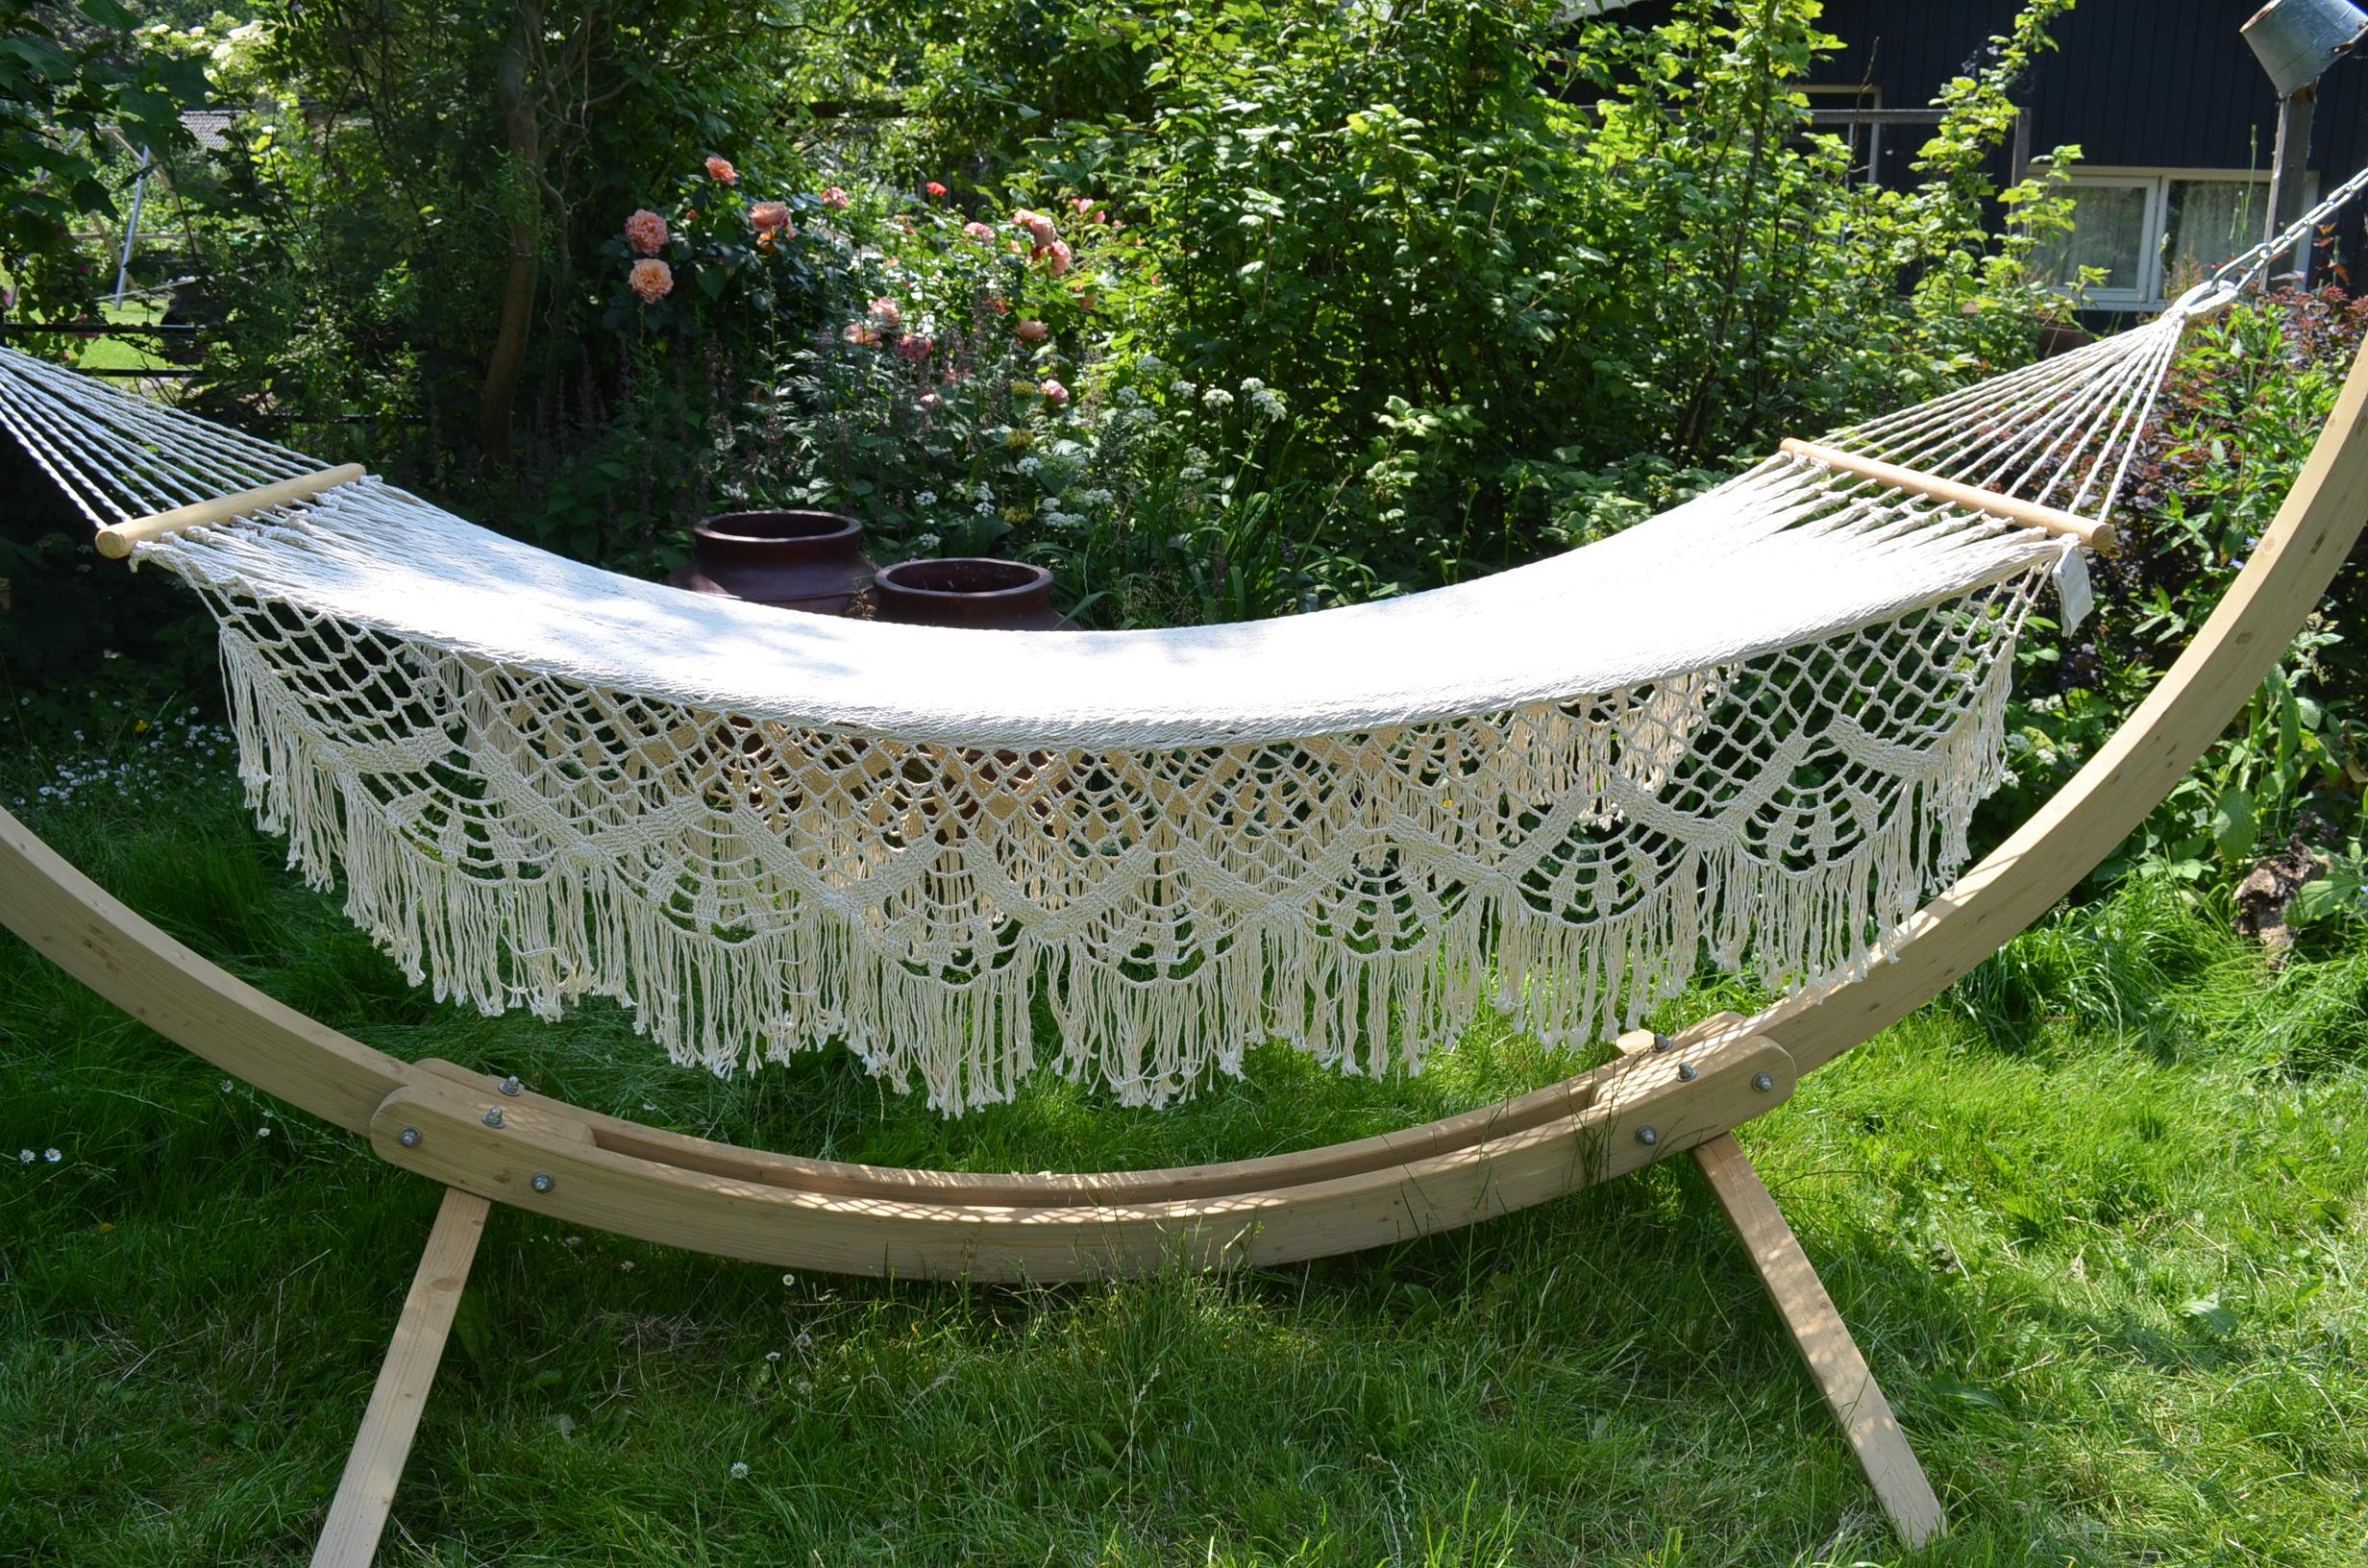 Hangmat Op Balkon : Nieuwe hangstoelen en hangmatten bij wilma s wereld wilma s